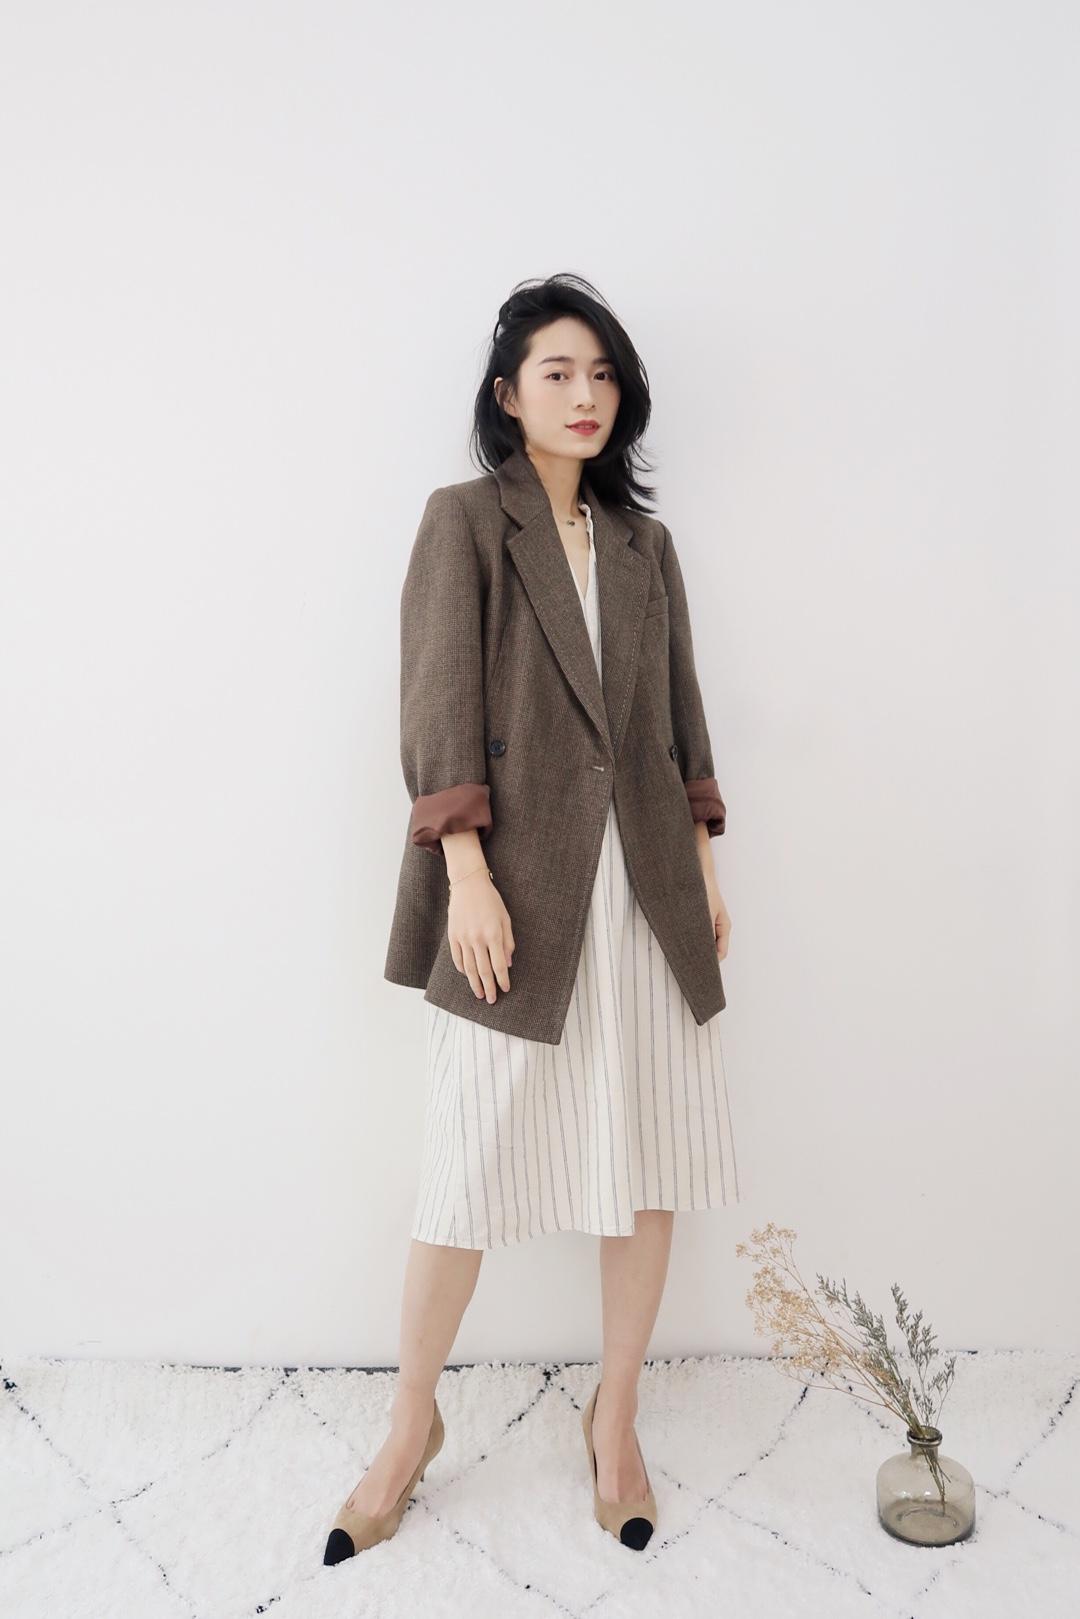 米驼色系打造春季优雅随性, 西装的刚&棉麻裙的柔互补平衡。#one-piece让我可以安心偷懒~#